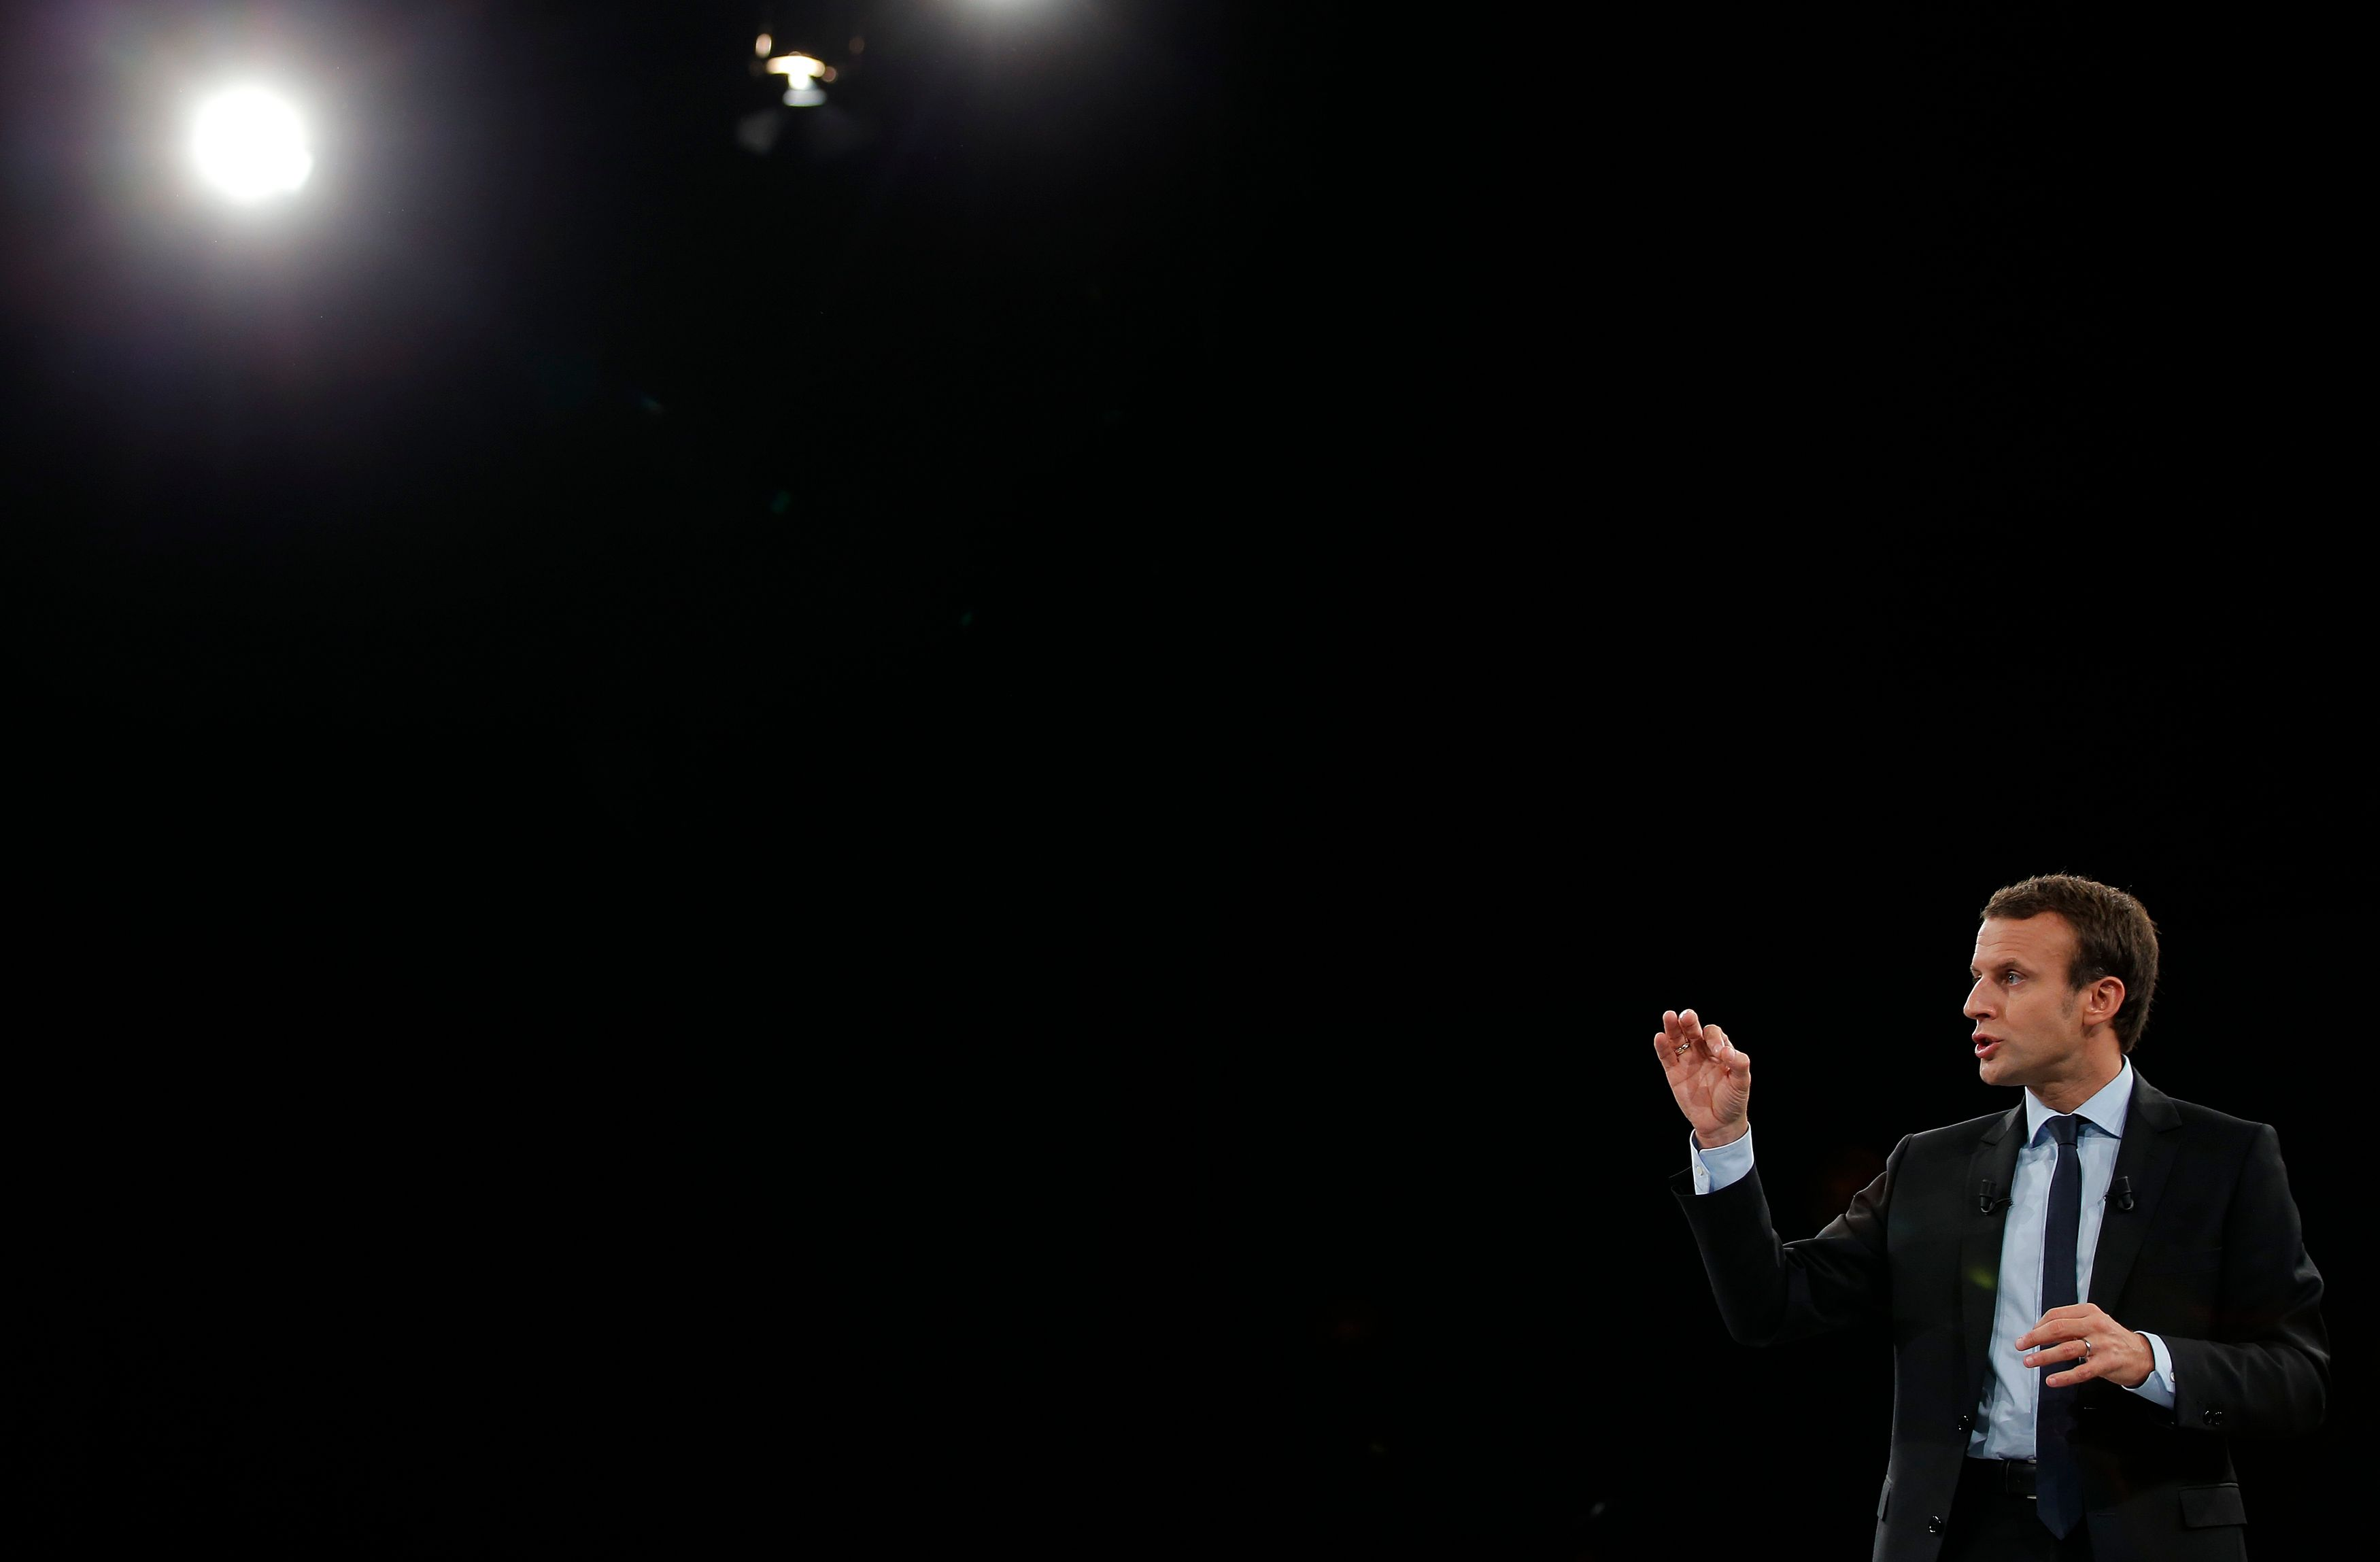 Présidentielle : quand l'analyse des mots des candidats révèle qui veut vraiment remettre le peuple français au cœur des débats et qui en a peur sans le dire